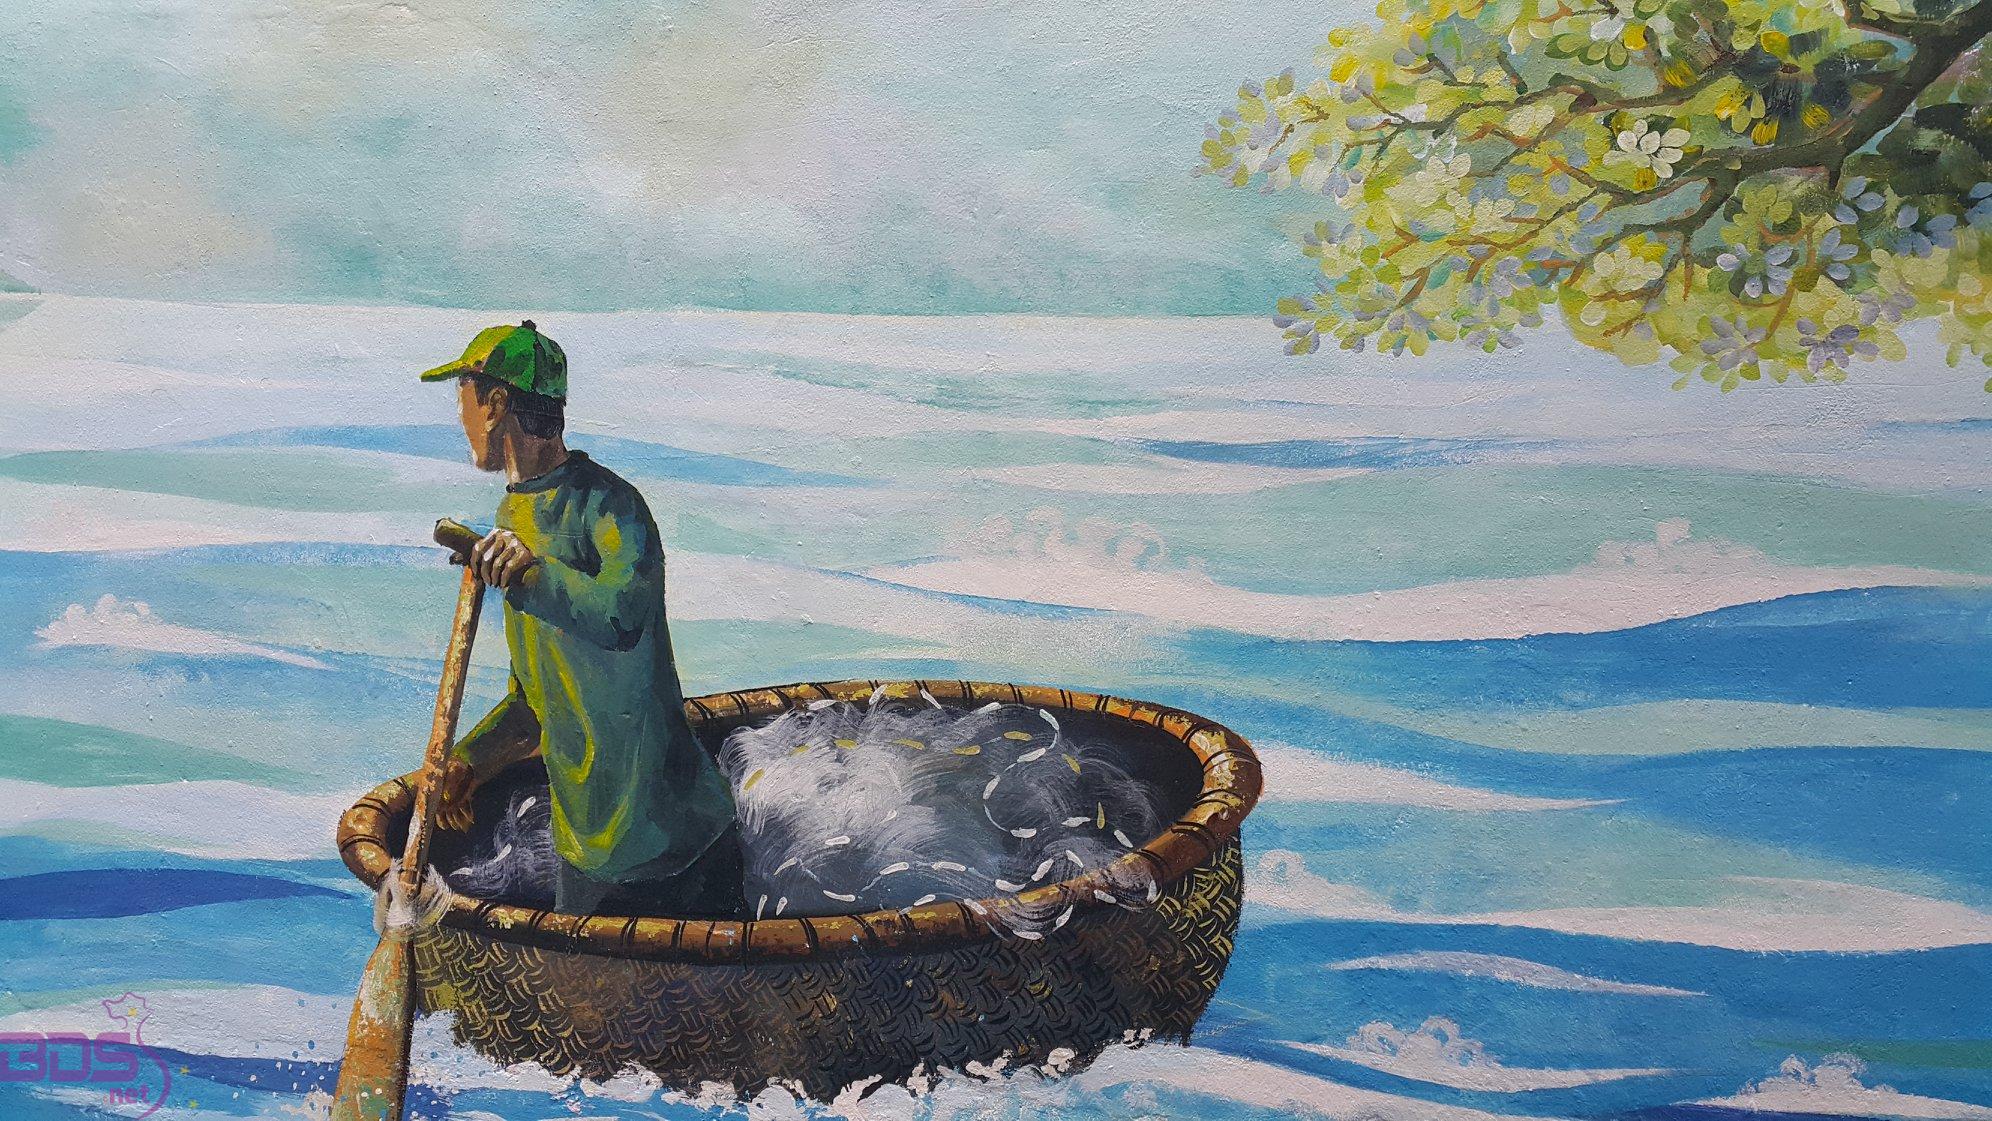 Hình ảnh người dân biển